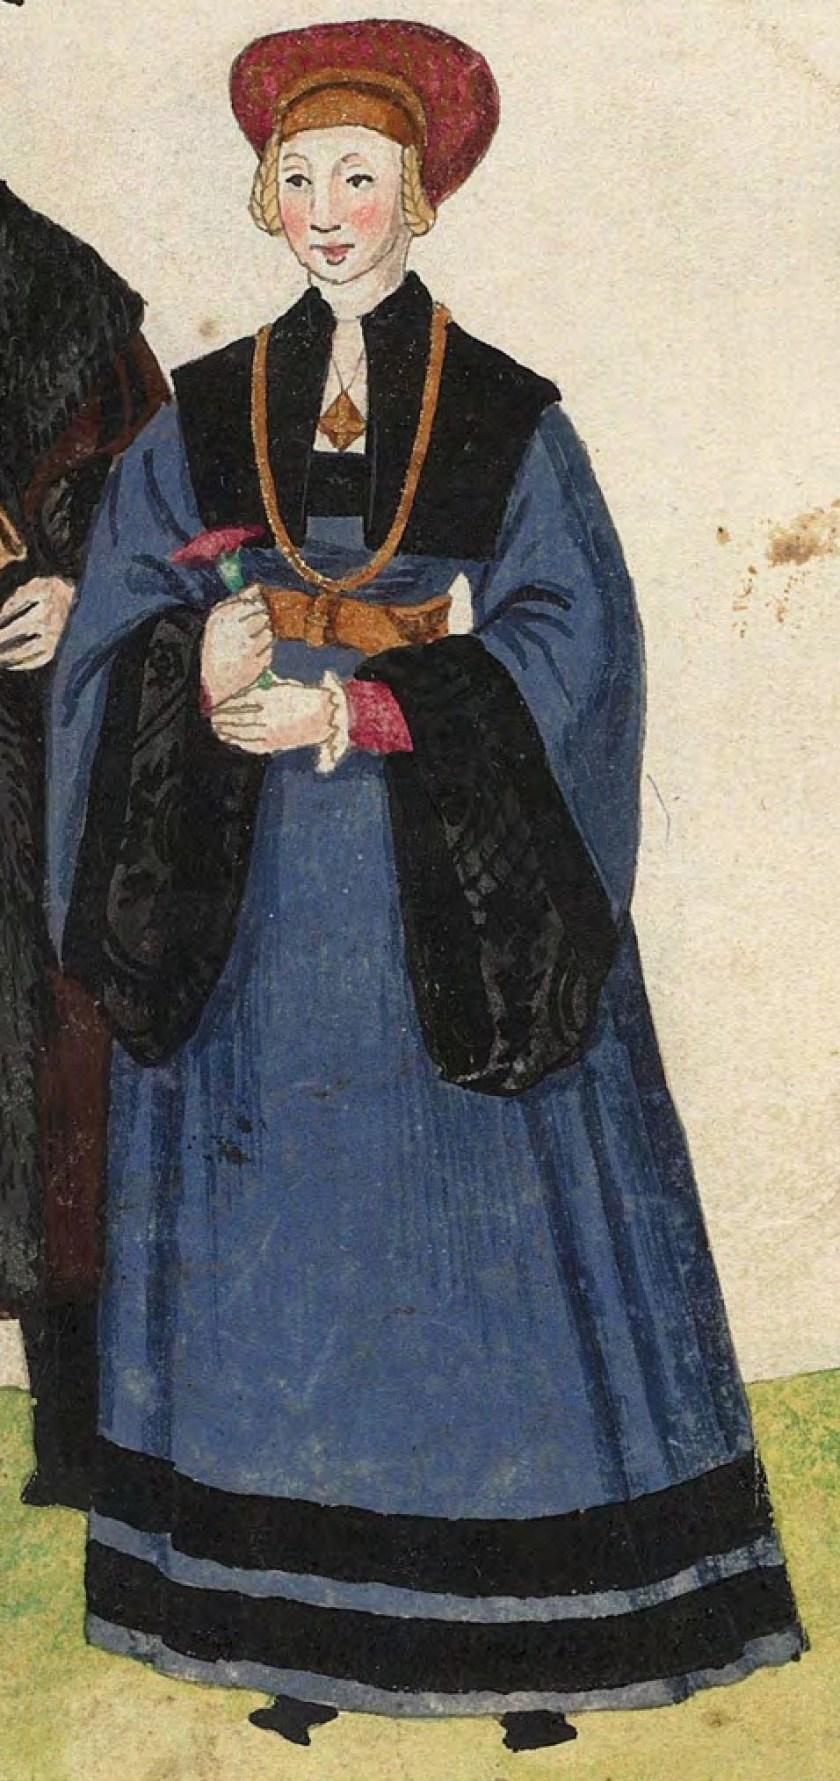 1540s Cologne Burger. Fig. 3, plate 43v, Codice de trajes, Christoph Weiditz. BNE bdh0000052132